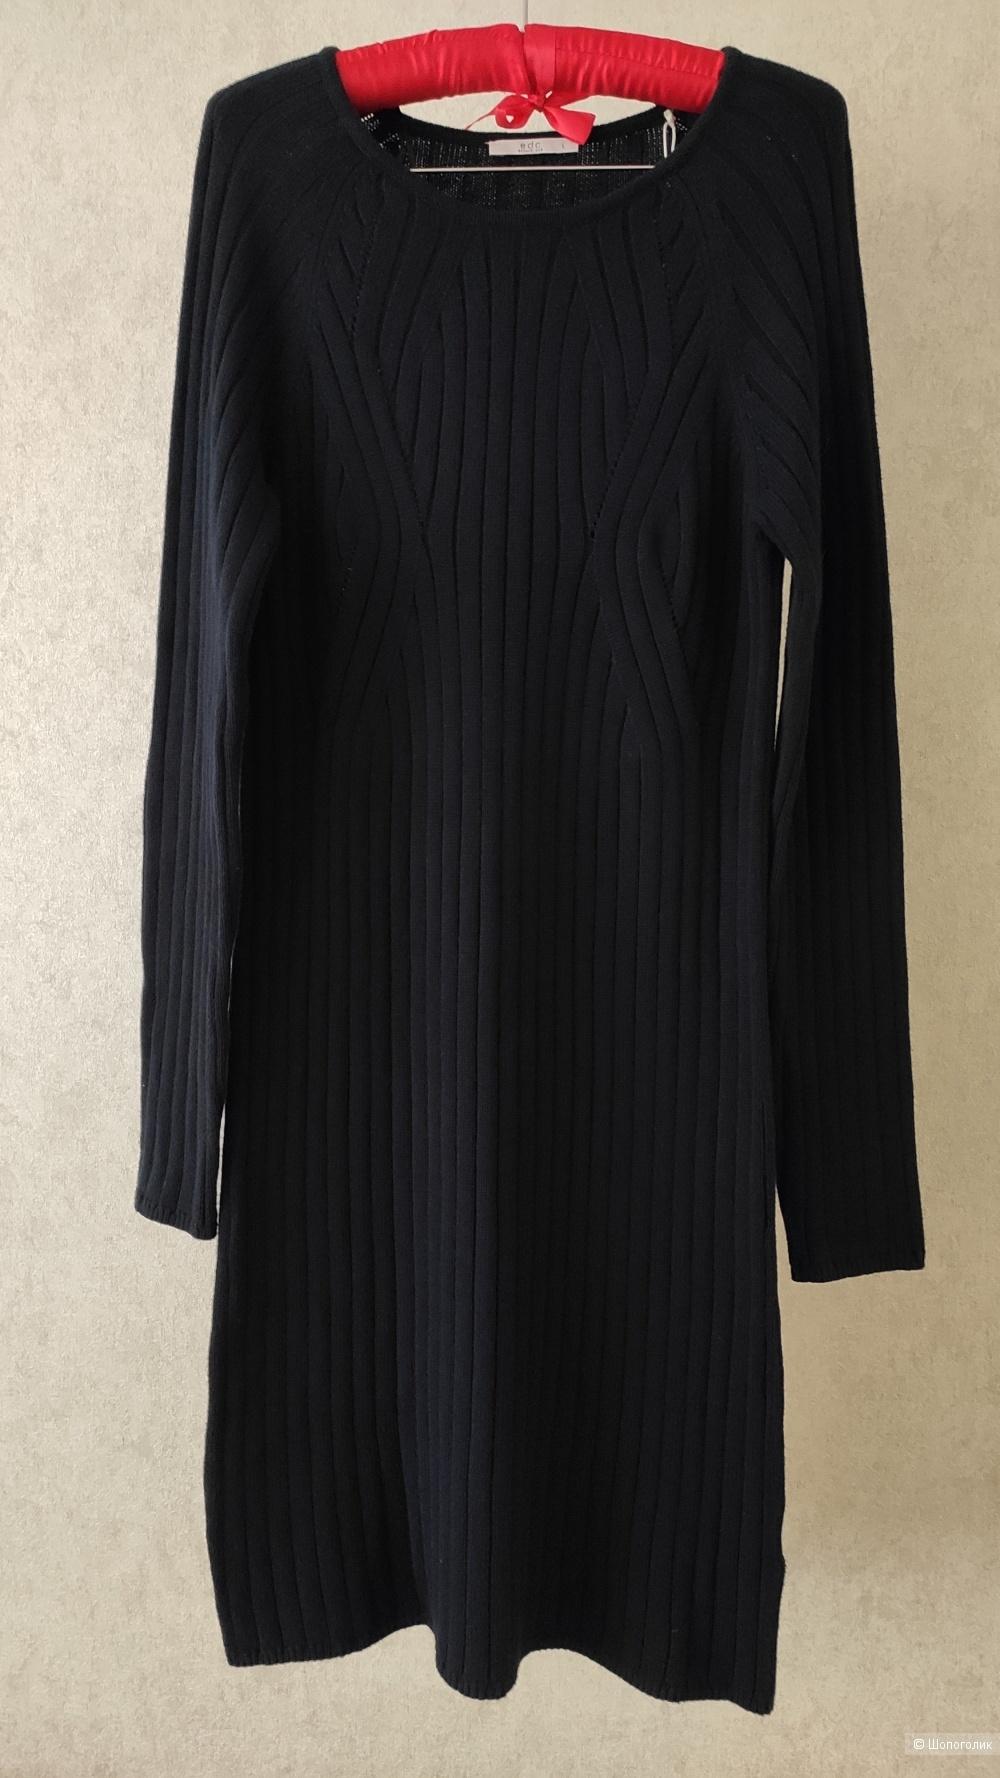 Платье Esprit, L